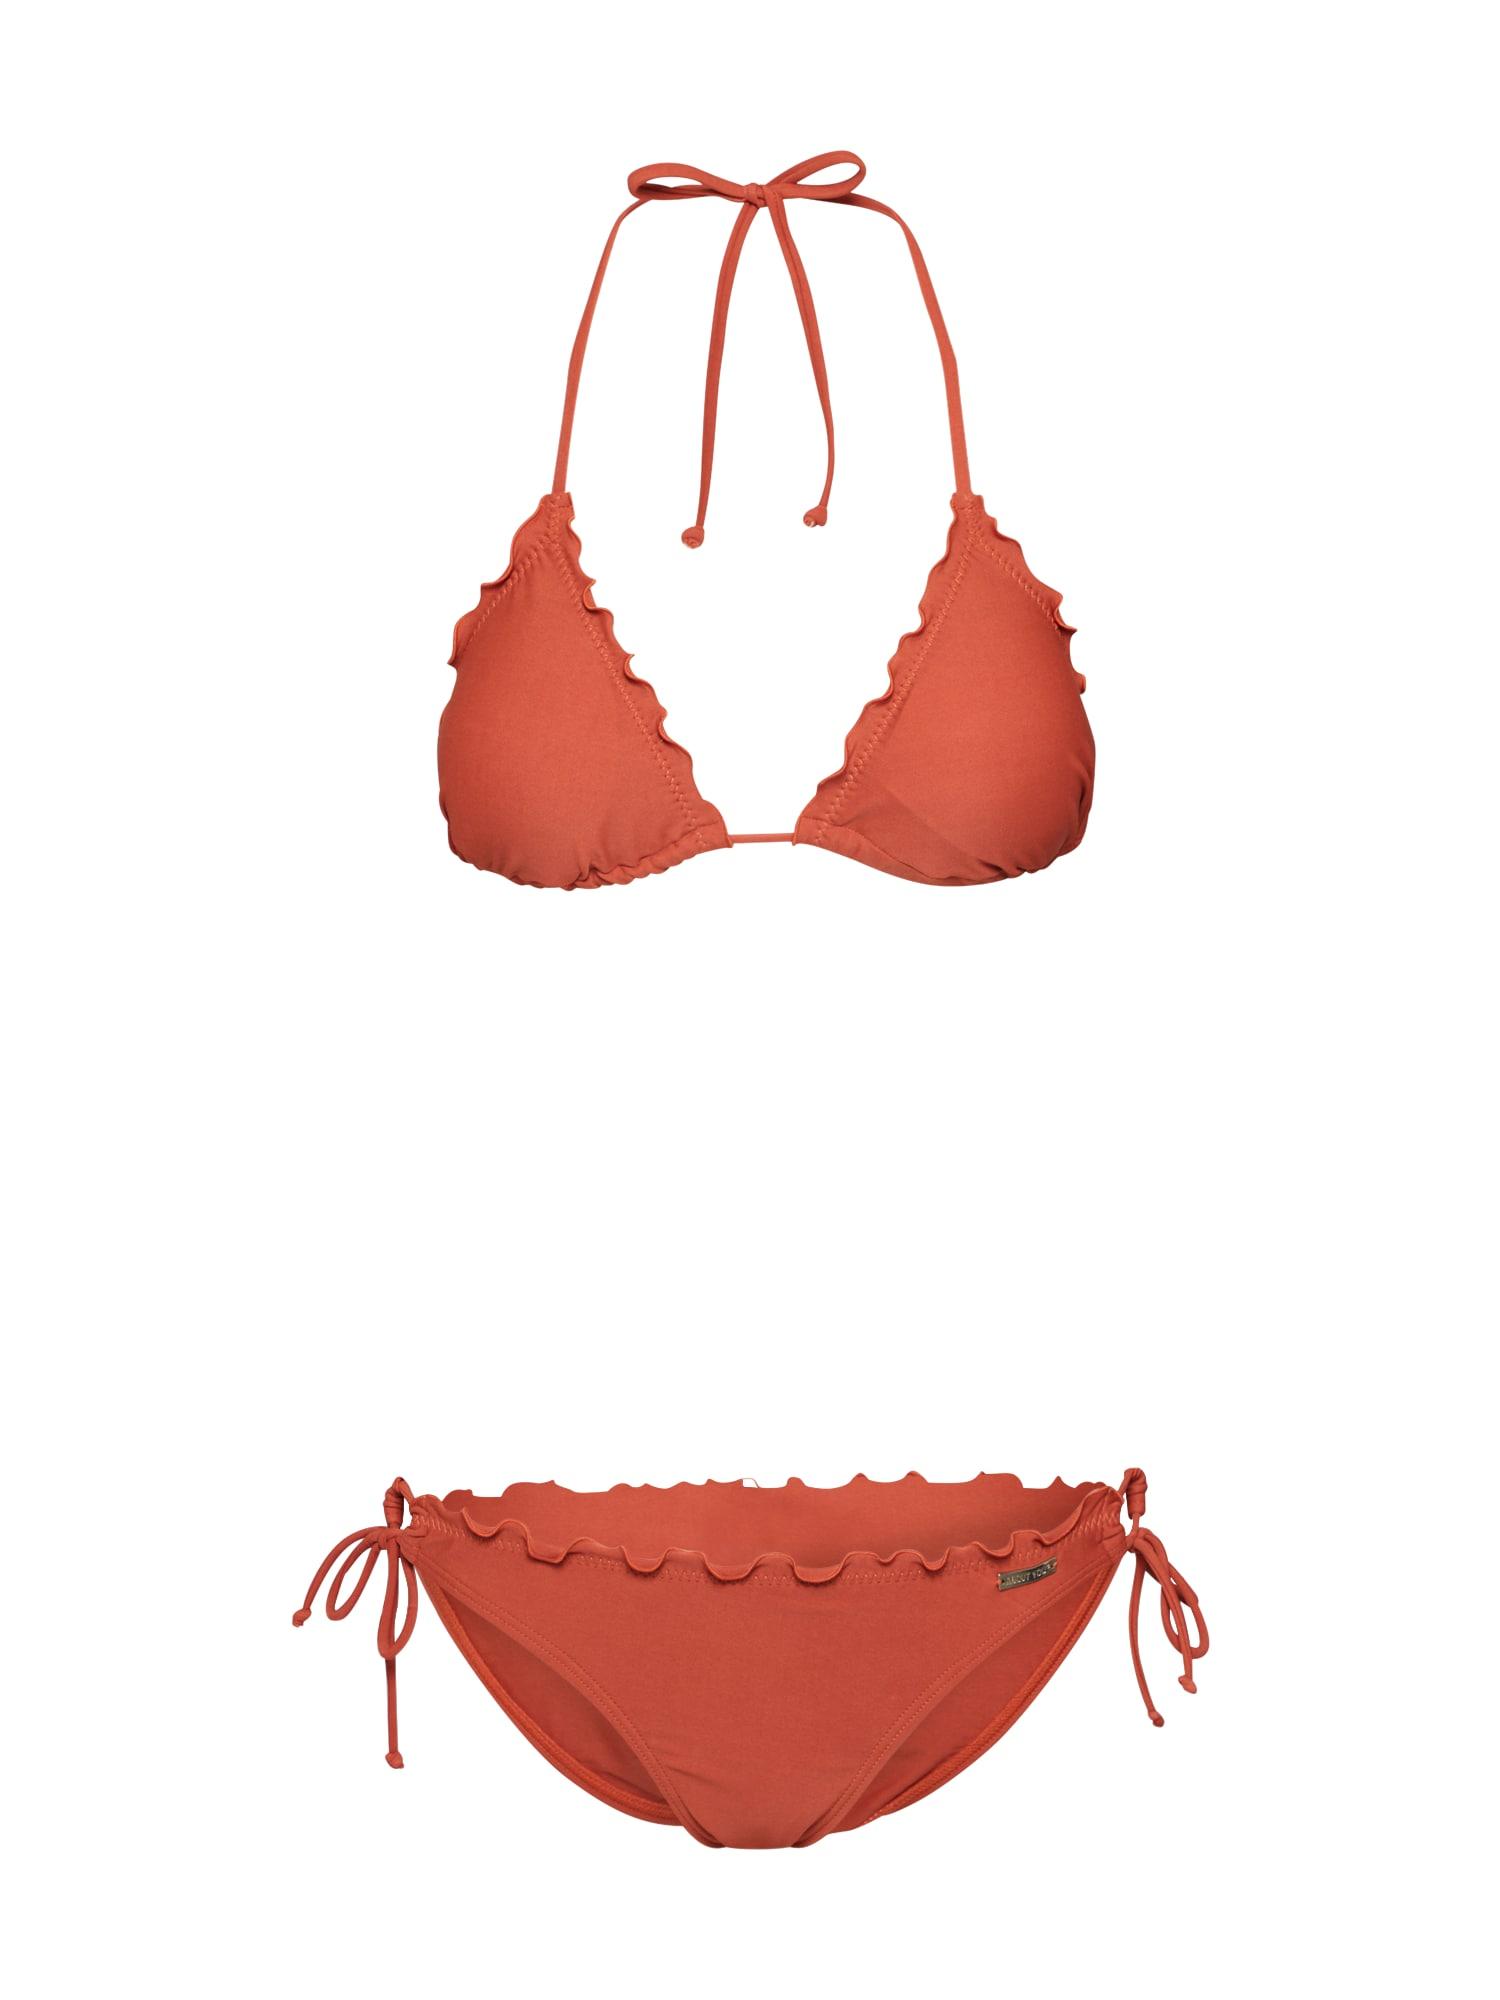 ABOUT YOU Bikinis 'Caja' rūdžių raudona